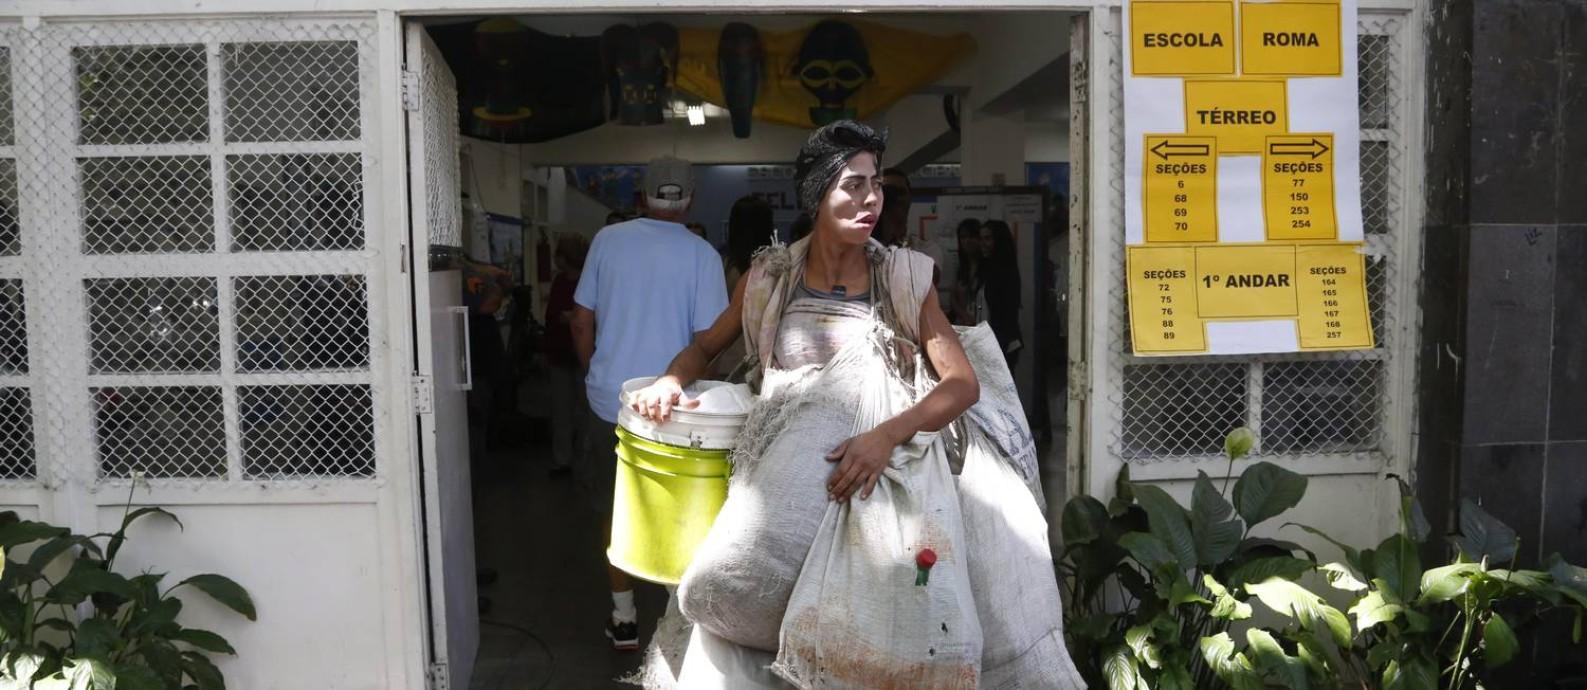 Fernanda queria votar para ter uma casa. Na foto, ela aparece saindo da Escola Municipal Roma, que serve de sessão eleitoral Foto: Custódio Coimbra em 05/10/2014 / O Globo